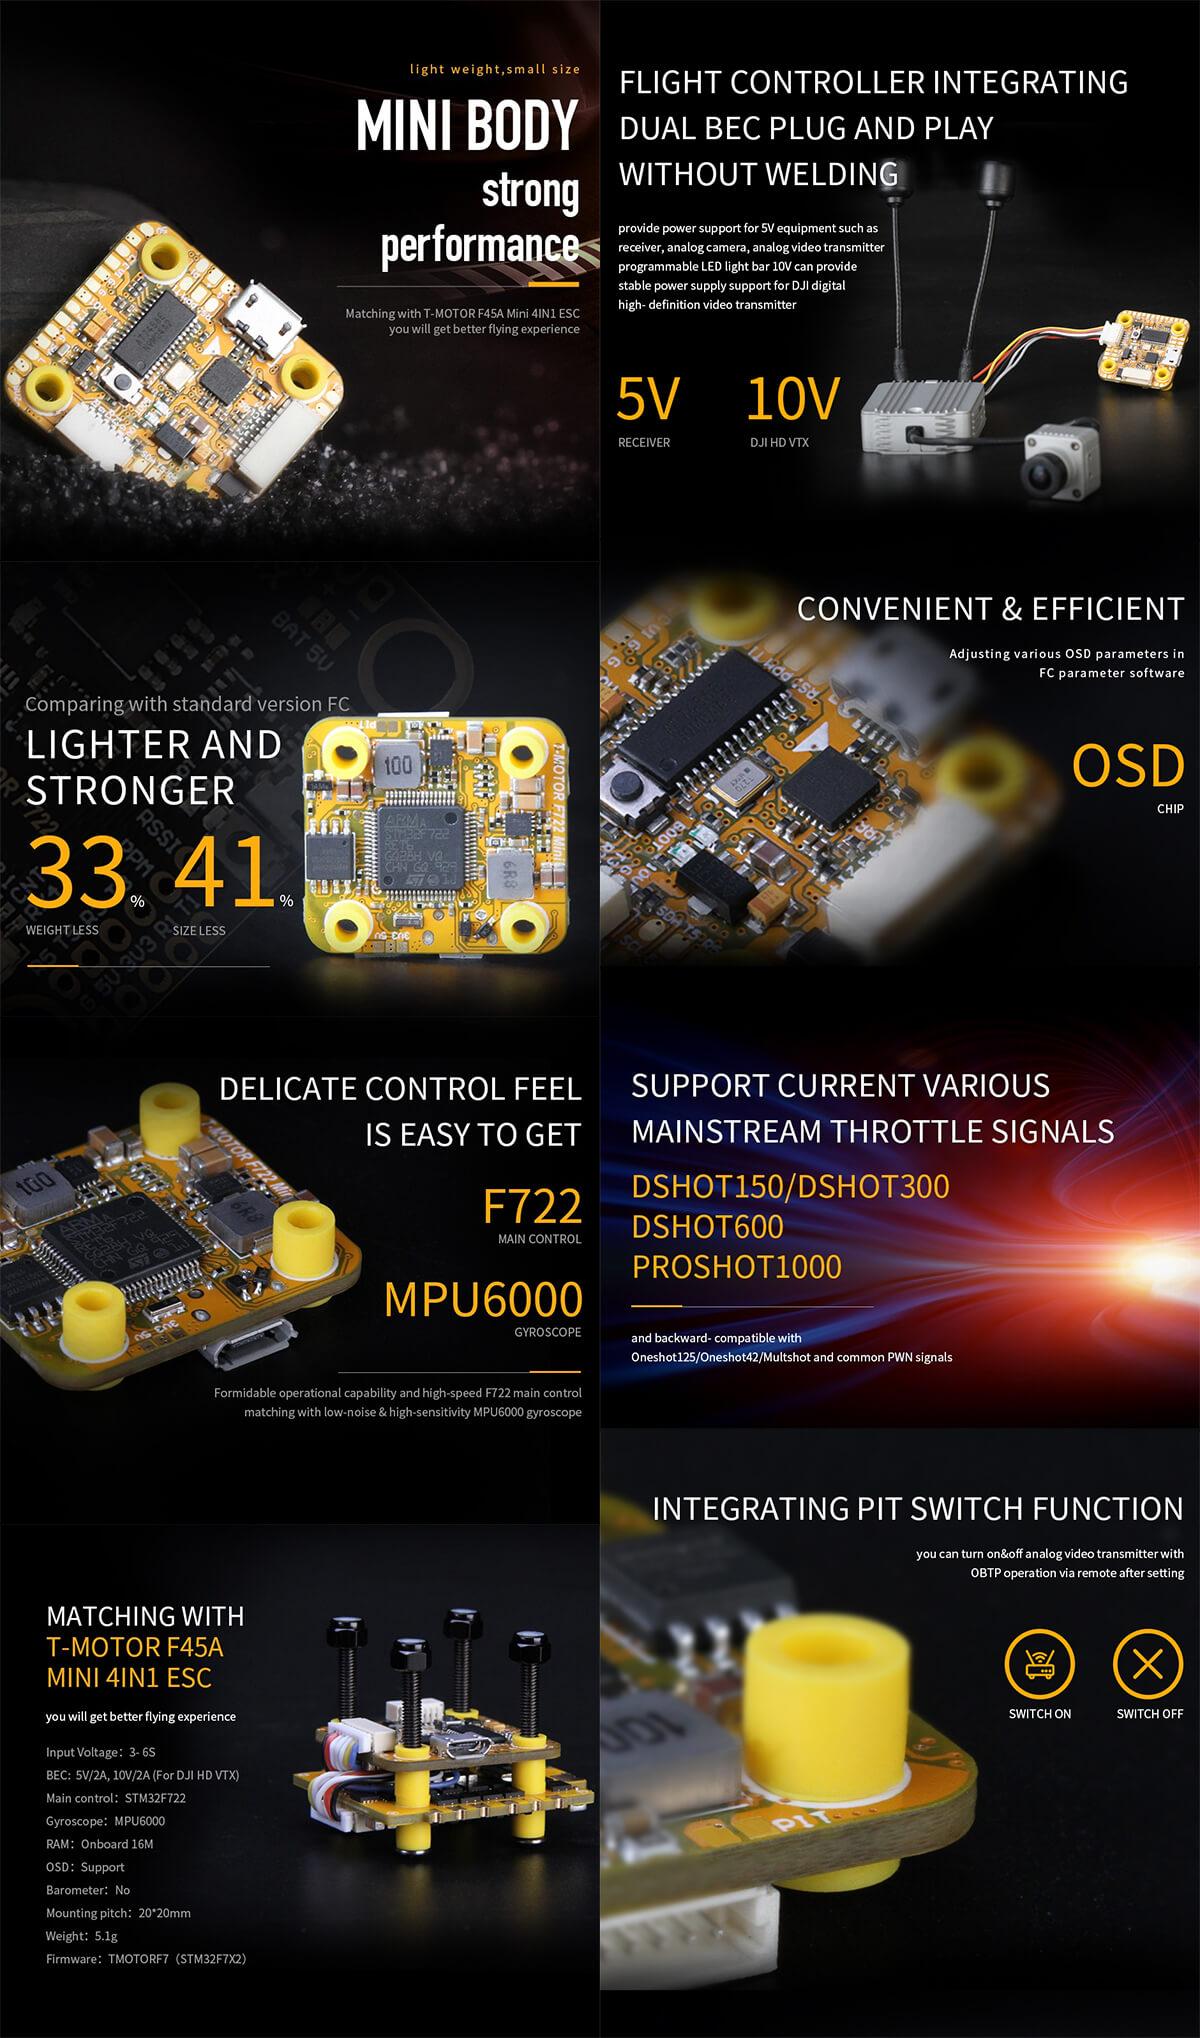 FC MINI F7 (HD +OSD +VTX SWITCH) T-MOTOR